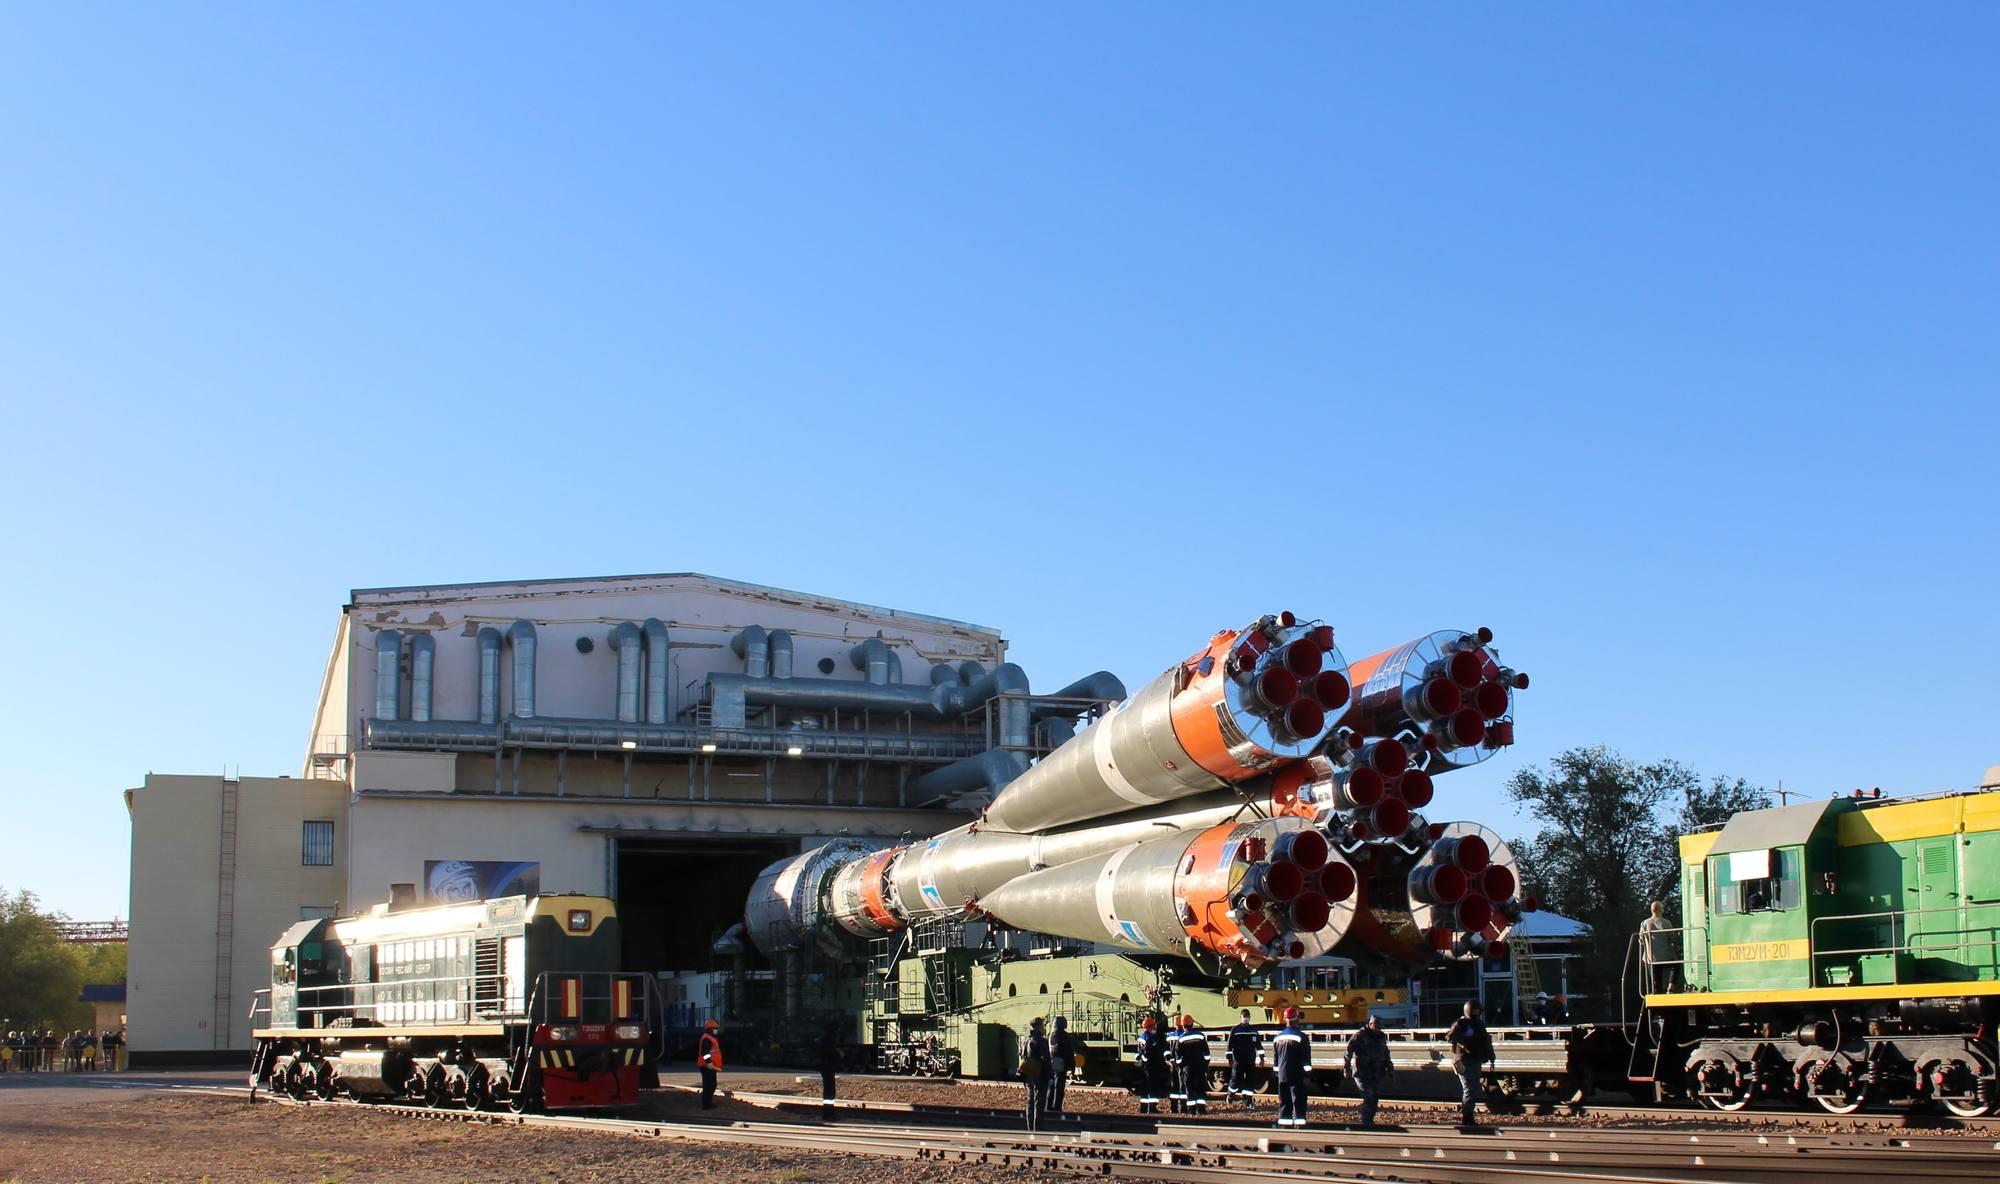 La seconde locomotive qui terminera l'approche du pas de tir va suivre le convoi.